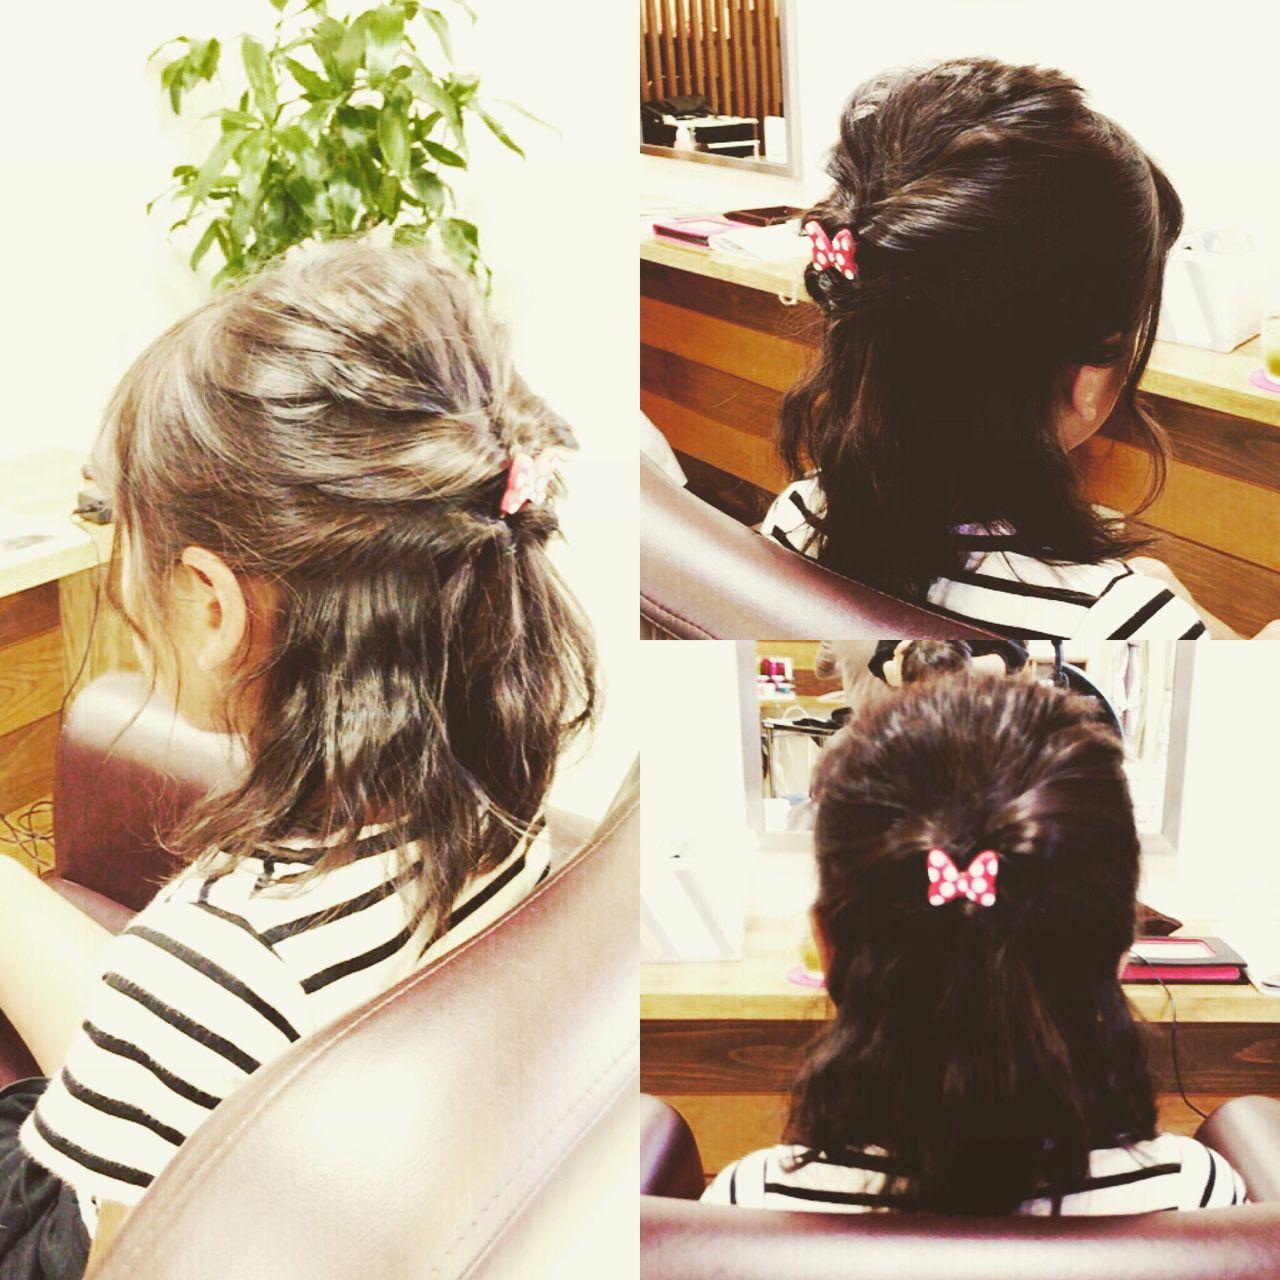 ヘアアレンジ ハーフアップ 簡単ヘアアレンジ ガーリー ヘアスタイルや髪型の写真・画像